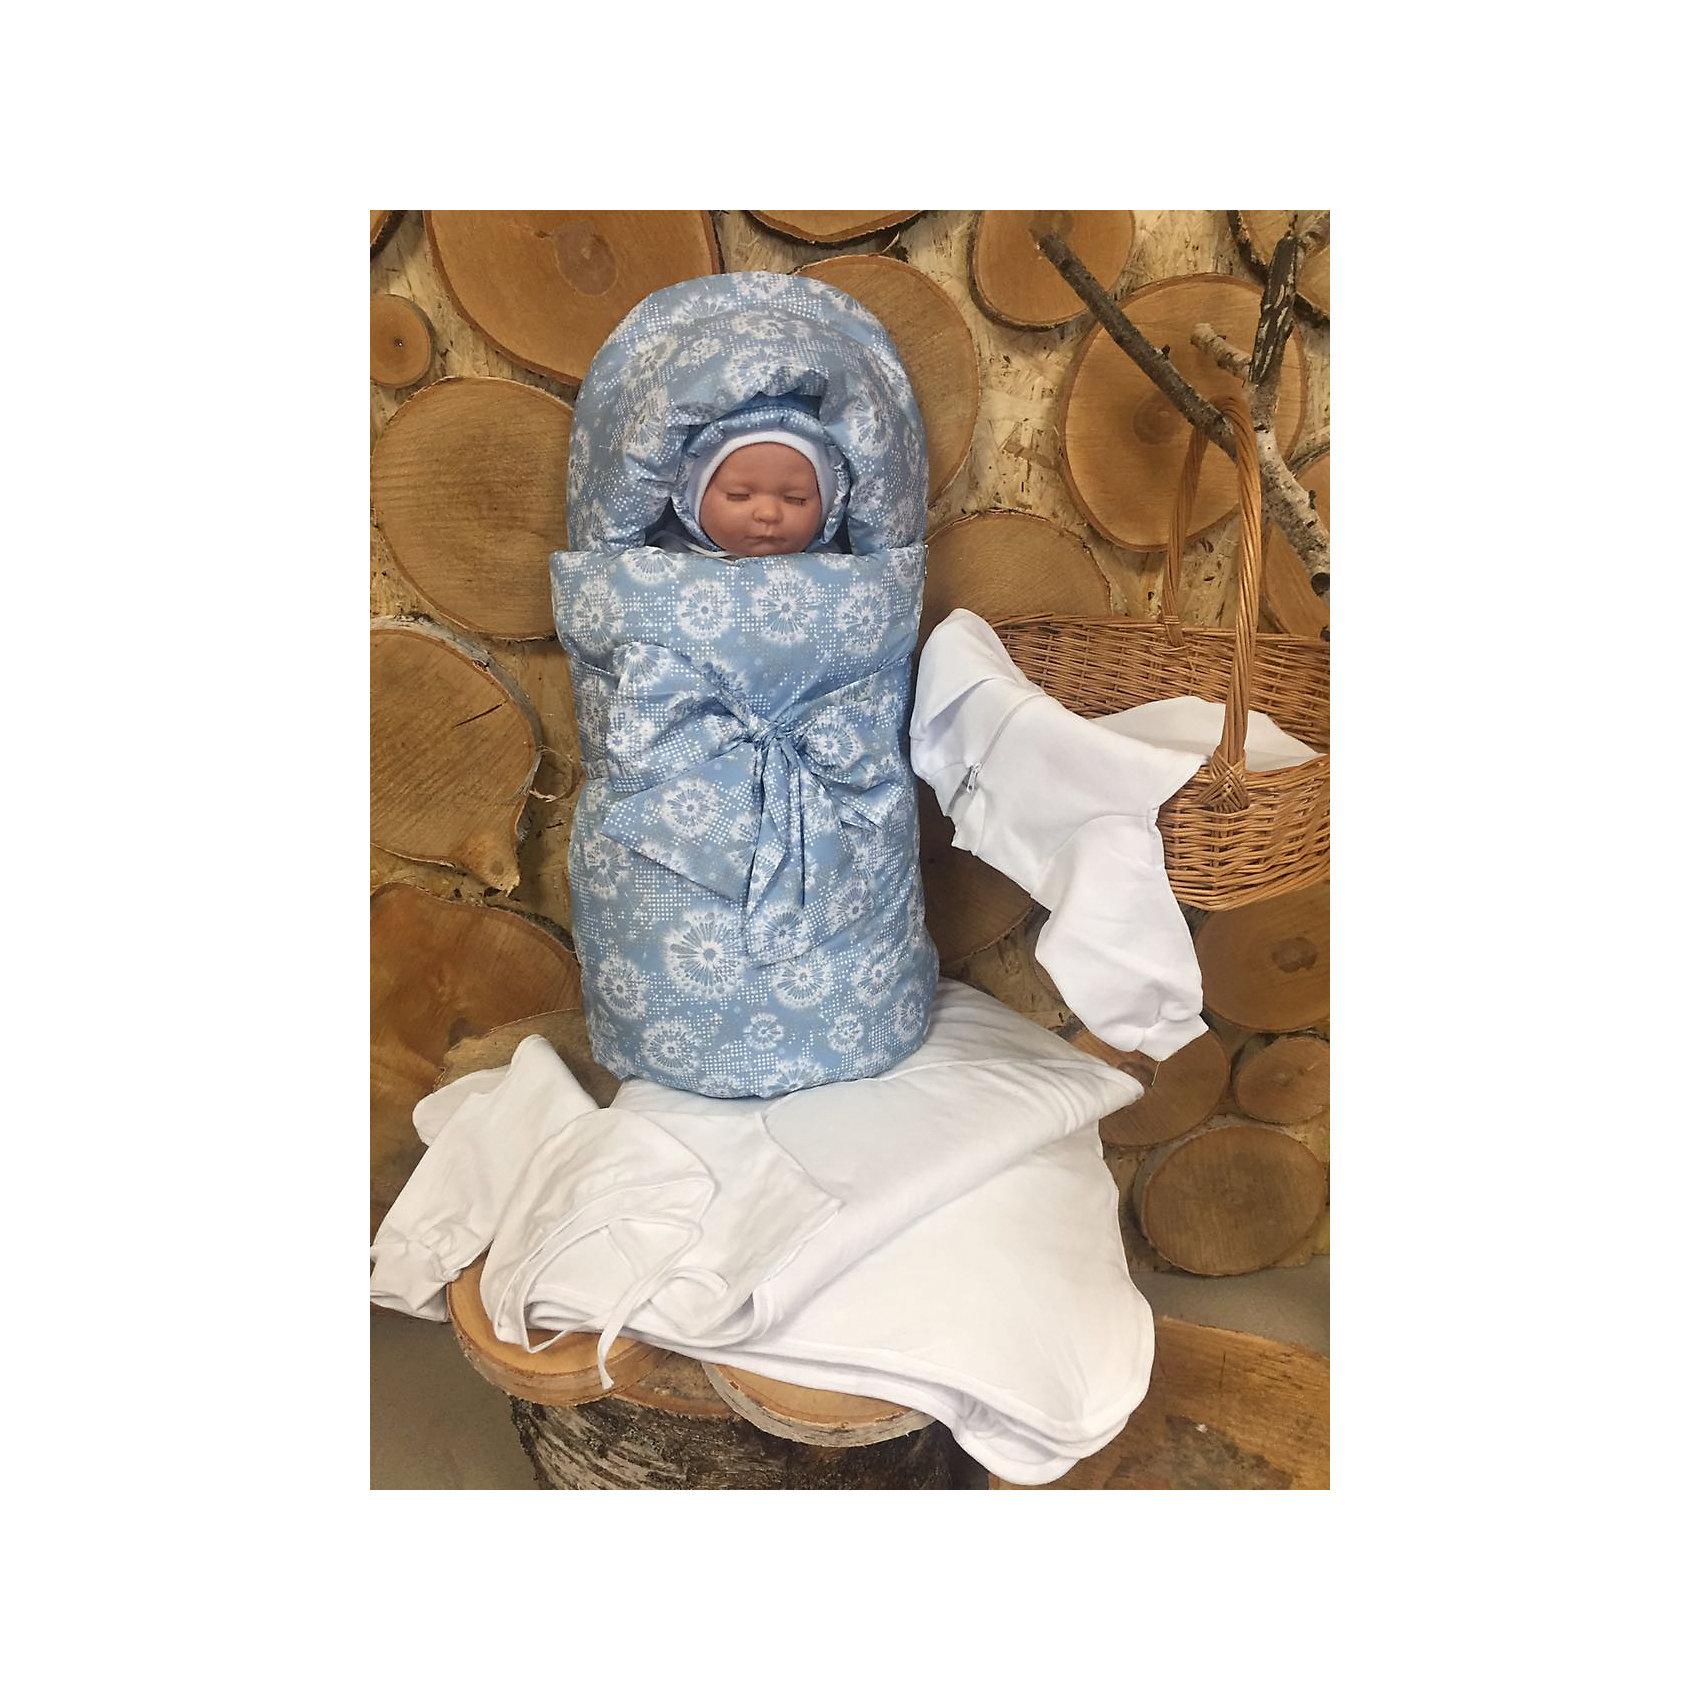 Комплект на выписку 7 пред., GulSara, 119 весна-осеньголубые одуванчикиНаборы одежды, конверты на выписку<br>Характеристики:<br><br>• Вид детского текстиля: комплект на выписку<br>• Предназначение: на выписку, для прогулки<br>• Сезон: весна, осень<br>• Утеплитель: средняя степень утепления<br>• Температурный режим: от -10? С до +20? С <br>• Пол: для мальчика<br>• Тематика рисунка: цветочный принт<br>• Материал: плащевка, кулирка, интерлок<br>• Цвет: голубой, молочный<br>• Комплектация:<br> конверт на синтепоне – 1 шт. р-р 75*40 см<br> одеяло на синтепоне – 1 шт. р-р 100*100 см<br> шапочка на синтепоне – 1 шт. р-р 56-36<br> спальный мешок – 1 шт. р-р 56-36<br> ползунки – 1 шт. р-р 56-36<br> распашонка – 1 шт. р-р 56-36<br> чепчик – 1 шт. р-р 56-36<br>• Особенности ухода: машинная стирка при температуре 30 градусов без использования отбеливающих и красящих веществ<br><br>Комплект на выписку 7 пред., GulSara, 119 весна-осень голубые одуванчики от отечественного швейного производства, который выпускает современный текстиль и товары для новорожденных, изготовленных на основе вековых традиций. В своем производстве GulSara использует только экологичные и натуральные материалы, что обеспечивает их безопасность даже для малышей с чувствительной кожей. <br><br>Набор предназначен для выписки в демисезонный период и состоит из конверта, одеяла и чепчика, выполненных из плащевки с цветочным принтом (одуванчики). Конверт выполнен в форме кокона. Среднюю степень утепления конверту и одеялу обеспечивает синтепон, который имеет легкий вес и является гипоаллергенным материалом. Для промежуточного слоя одежды предусмотрен спальный мешок на молнии, выполненный из интерлока. Комплект нижней одежды состоит из ползунков, распашонки и чепчика. <br><br>Комплект на выписку 7 пред., GulSara, 119 весна-осень голубые одуванчики создаст изысканный и неповторимый образ вашего малыша!<br><br>Комплект на выписку 7 пред., GulSara, 119 весна-осень голубые одуванчики можно купить в нашем интернет-мага